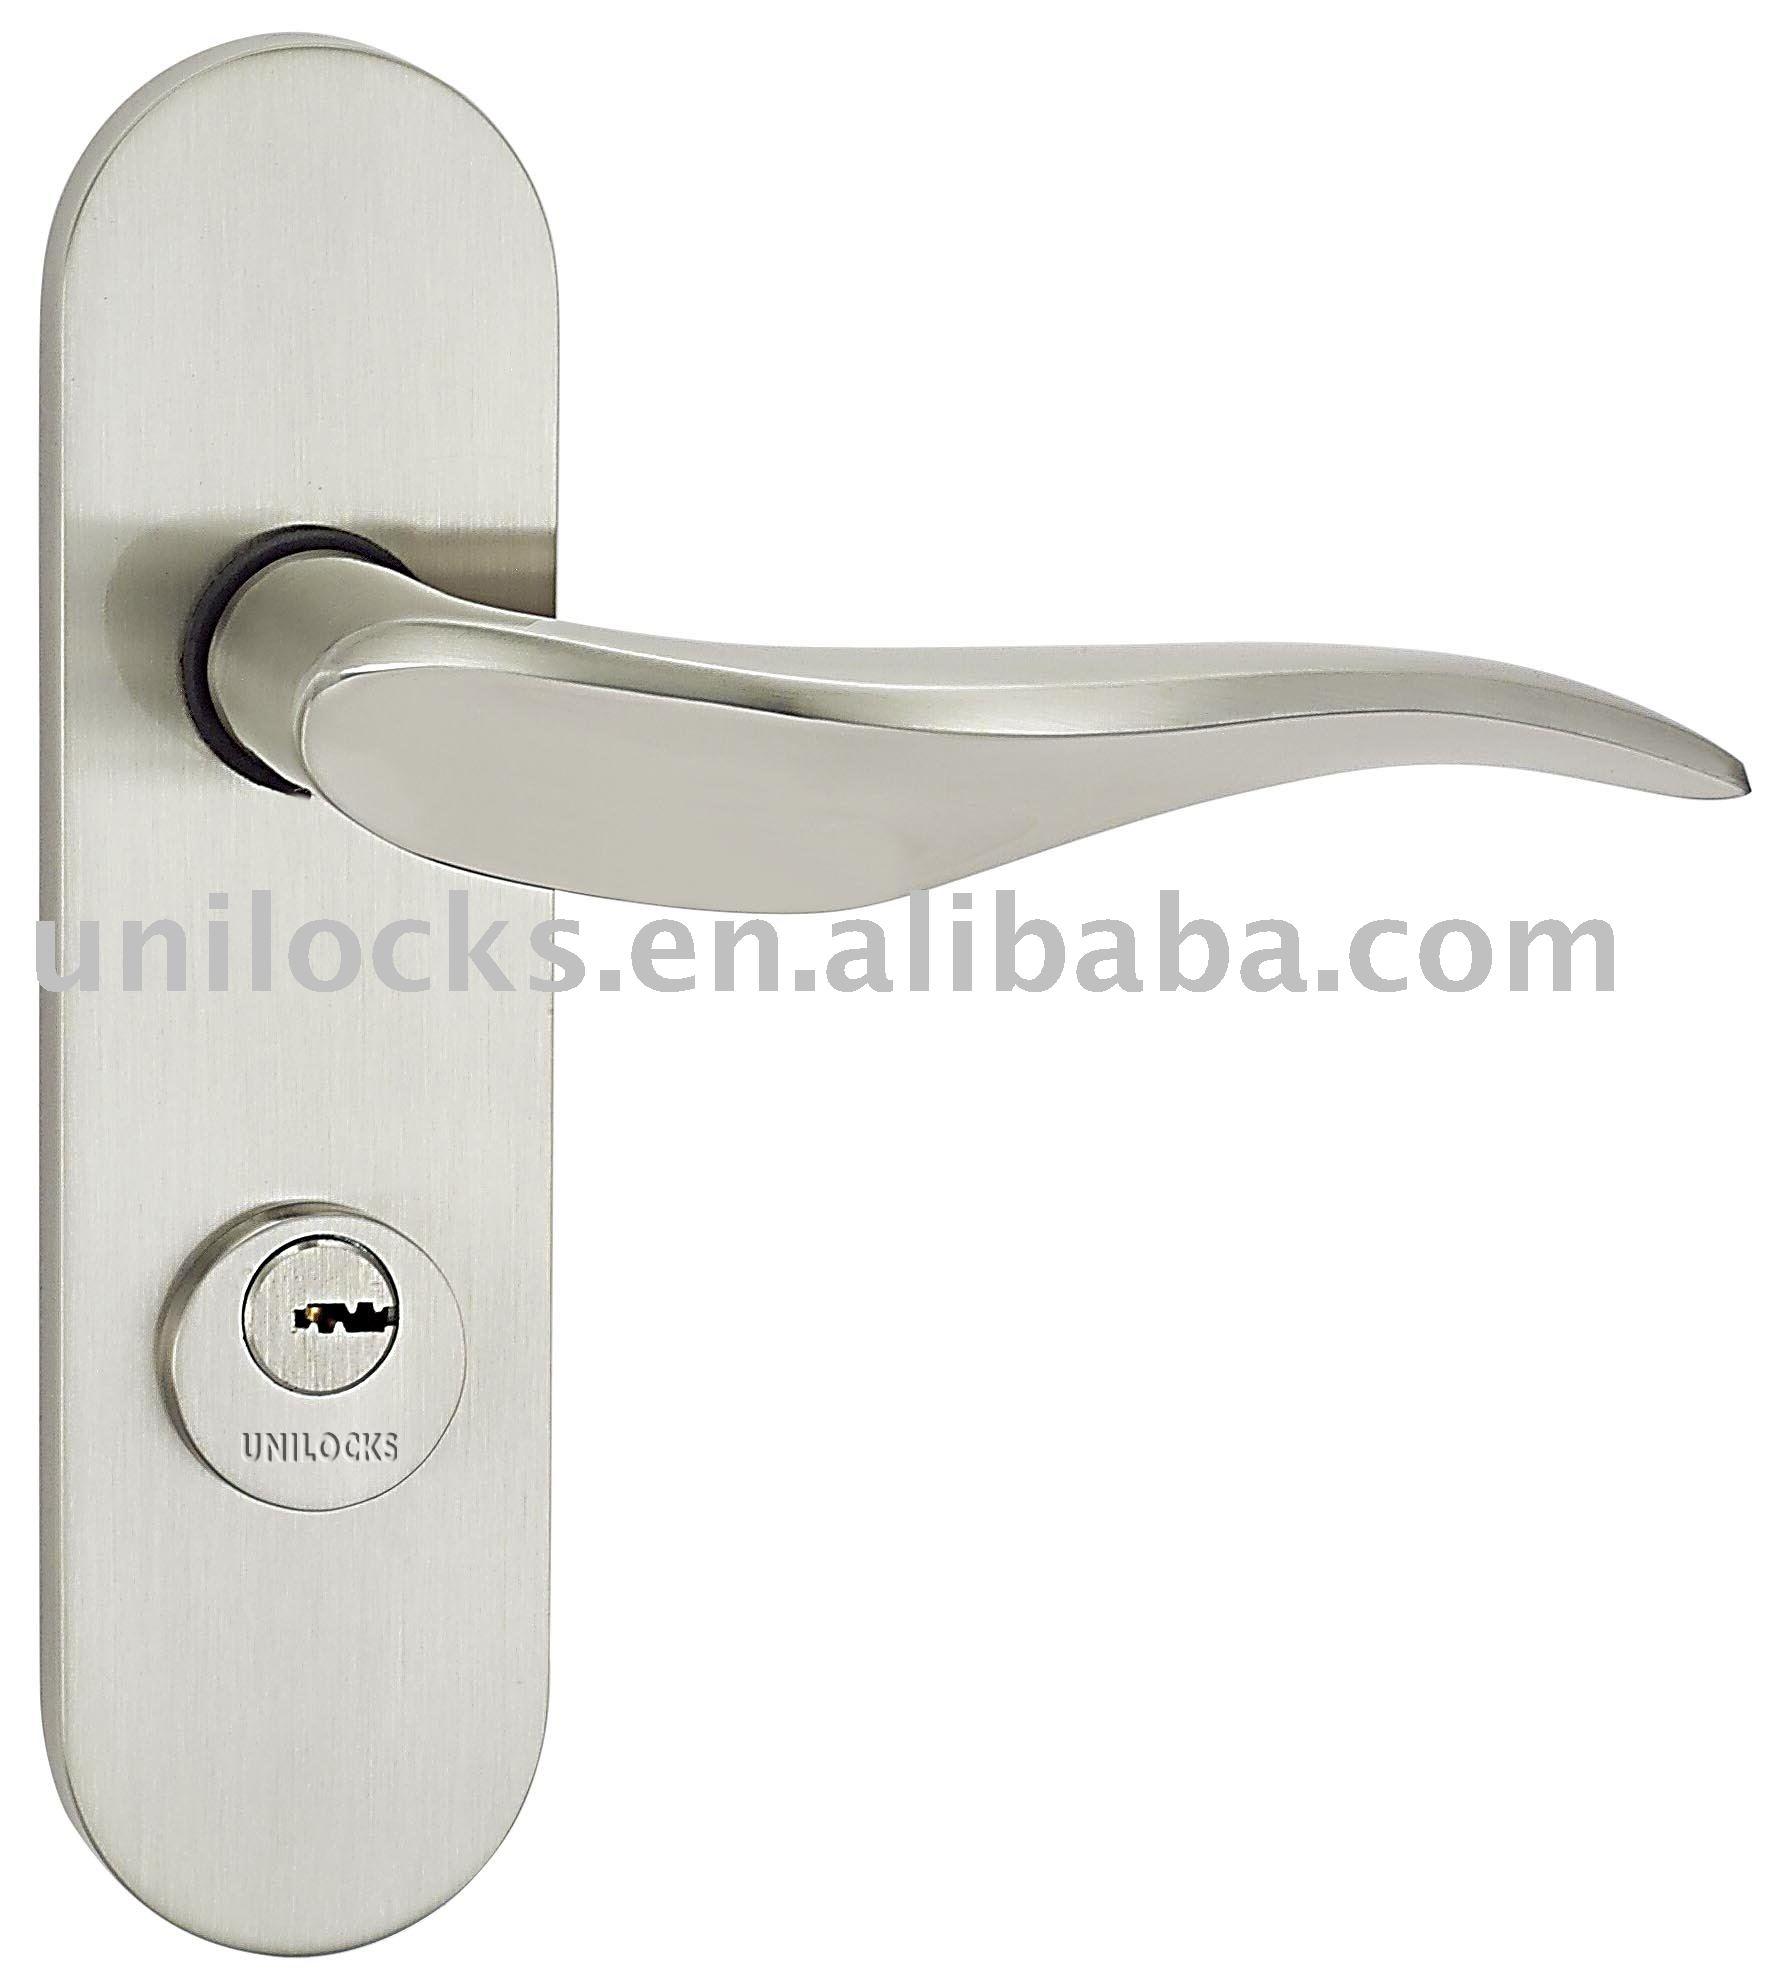 Zinc Alloy Handles Zinc Alloy Door Handle With Plate Zinc